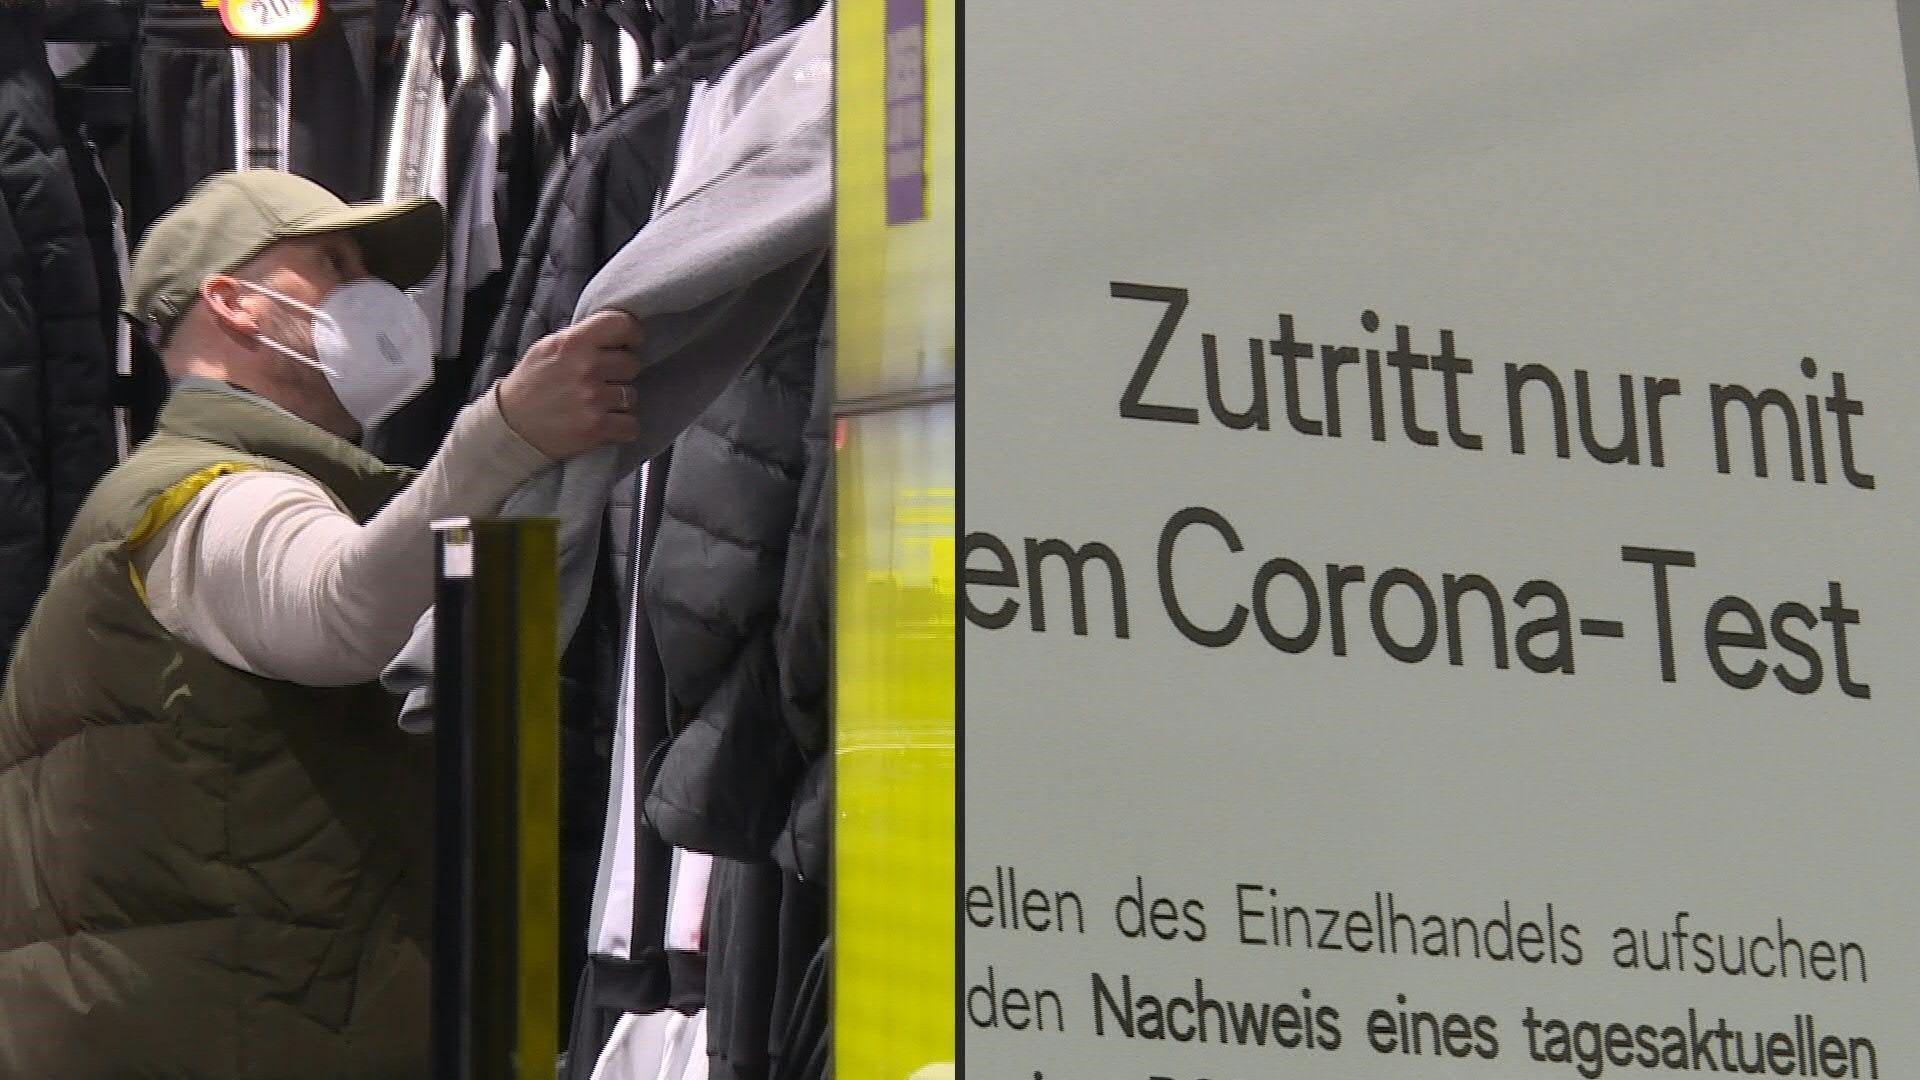 Berlin: Bummeln ja – aber nur mit Test